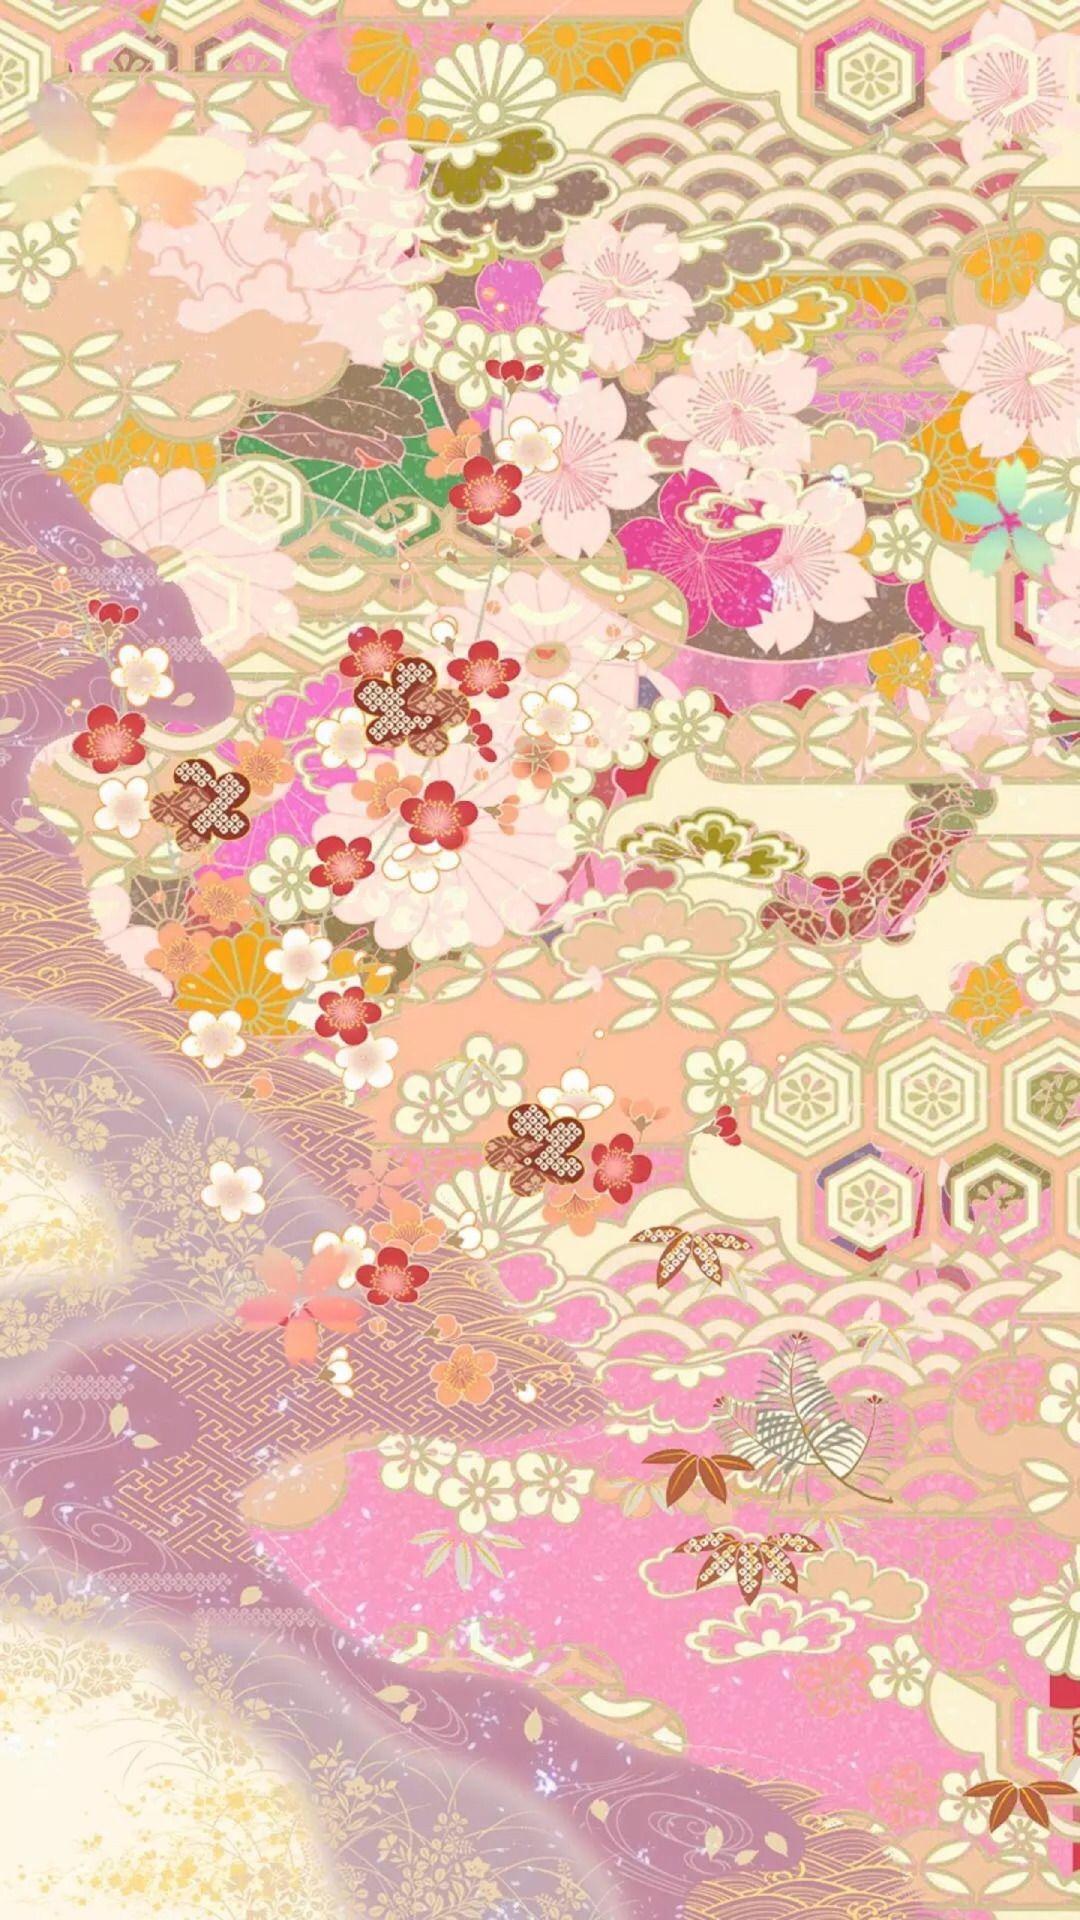 画像 和風 和柄 日本的 なスマホ壁紙 待ち受けホーム画面